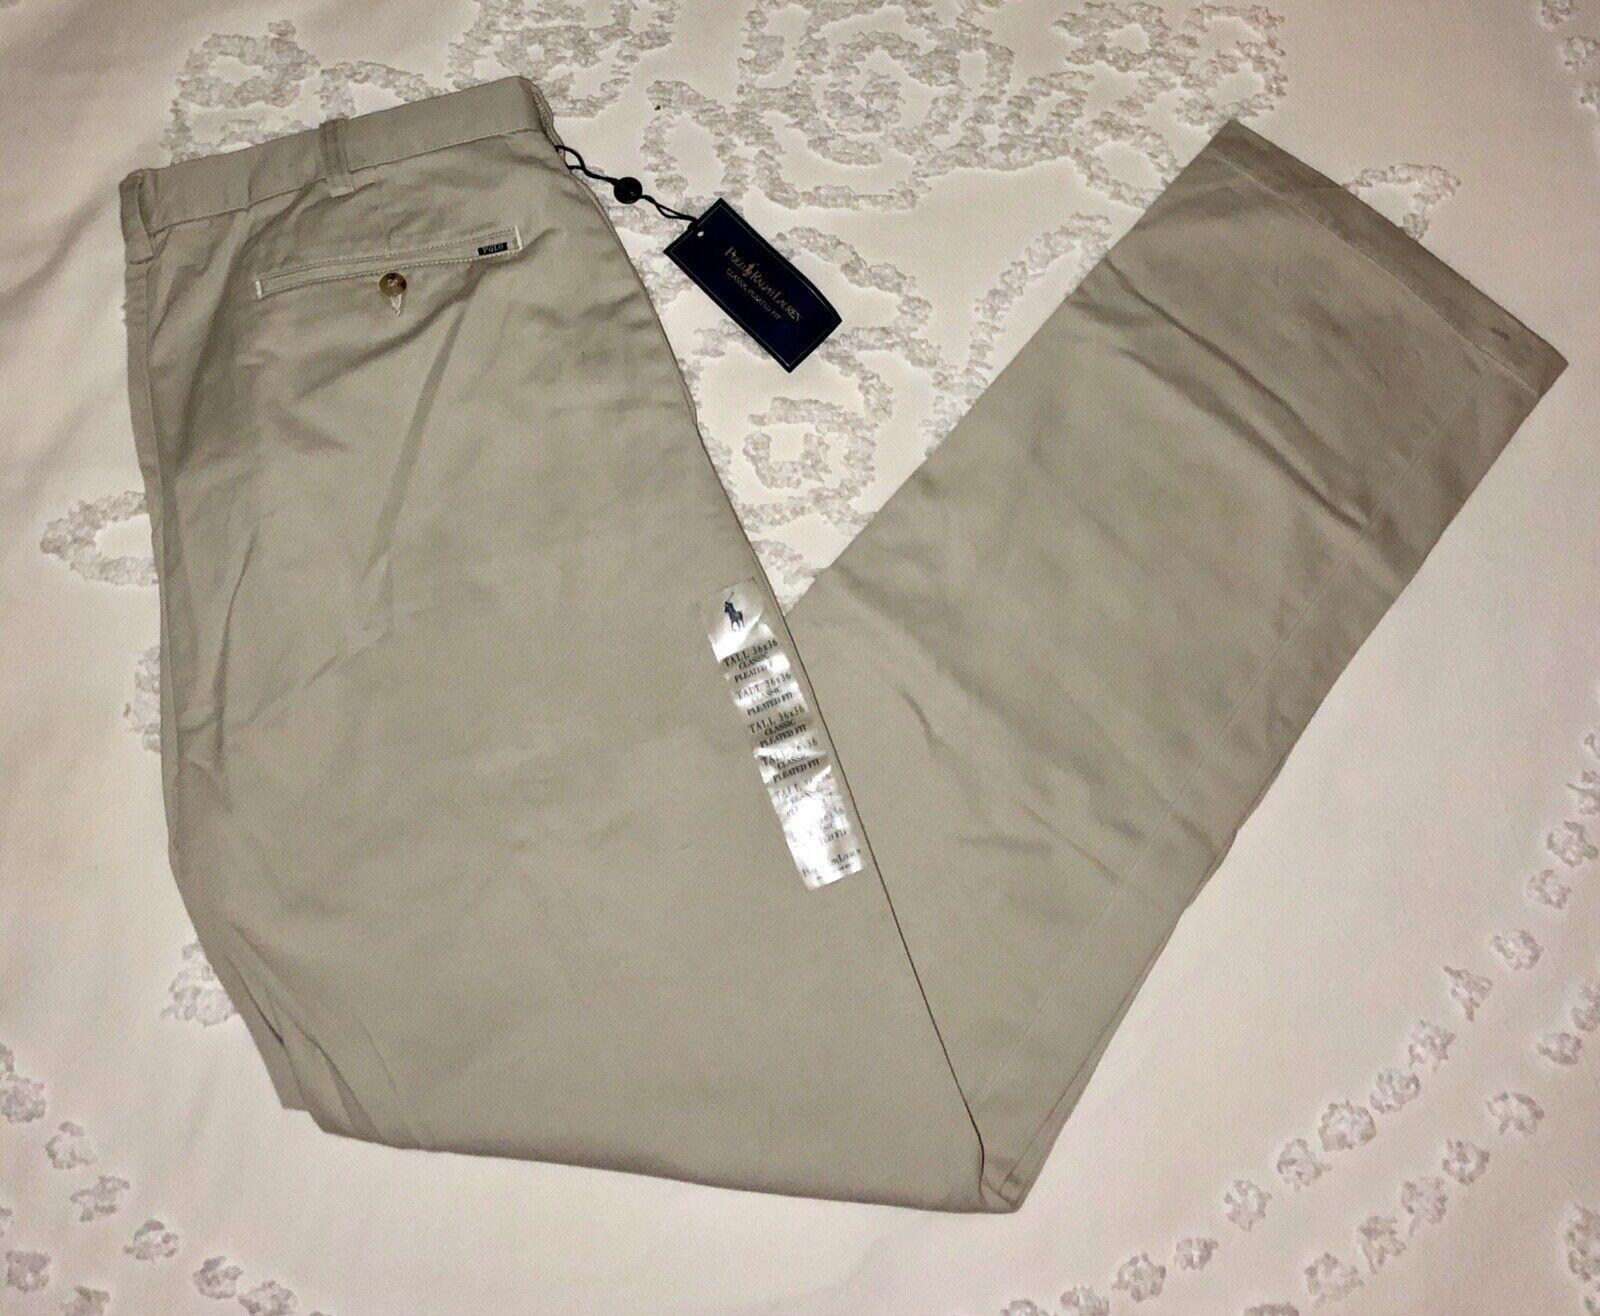 Polo Ralph Lauren Khaki Pants NEW Classic Pleated Fit 36T x 36 Tall Straight Big